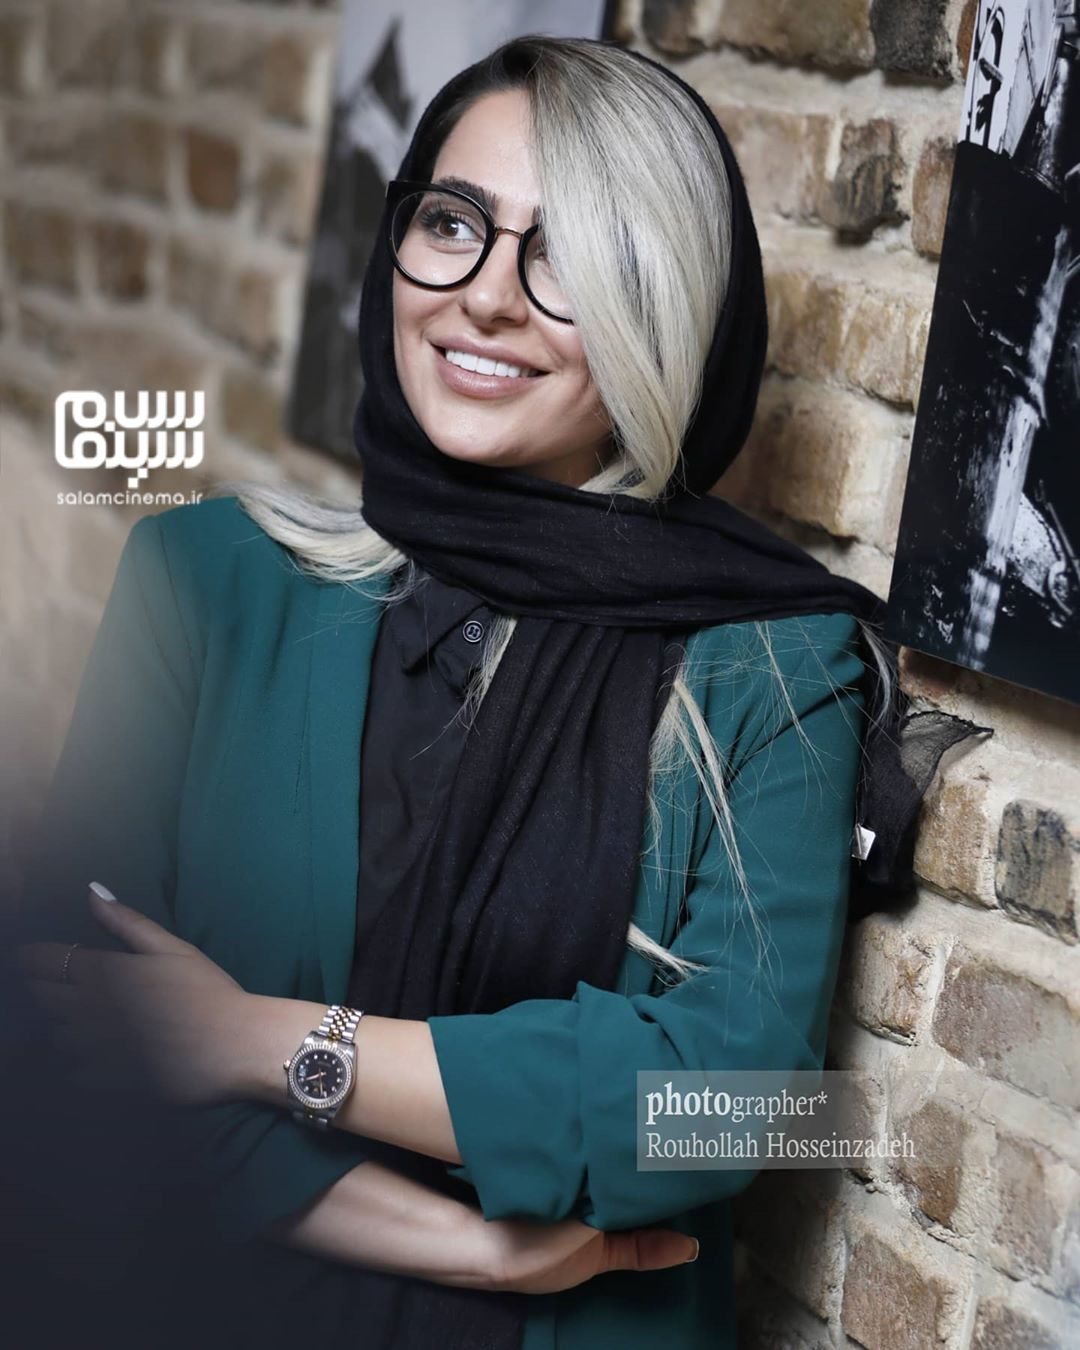 سمانه پاکدل - افتتاحیه نمایشگاه عکس برزخ